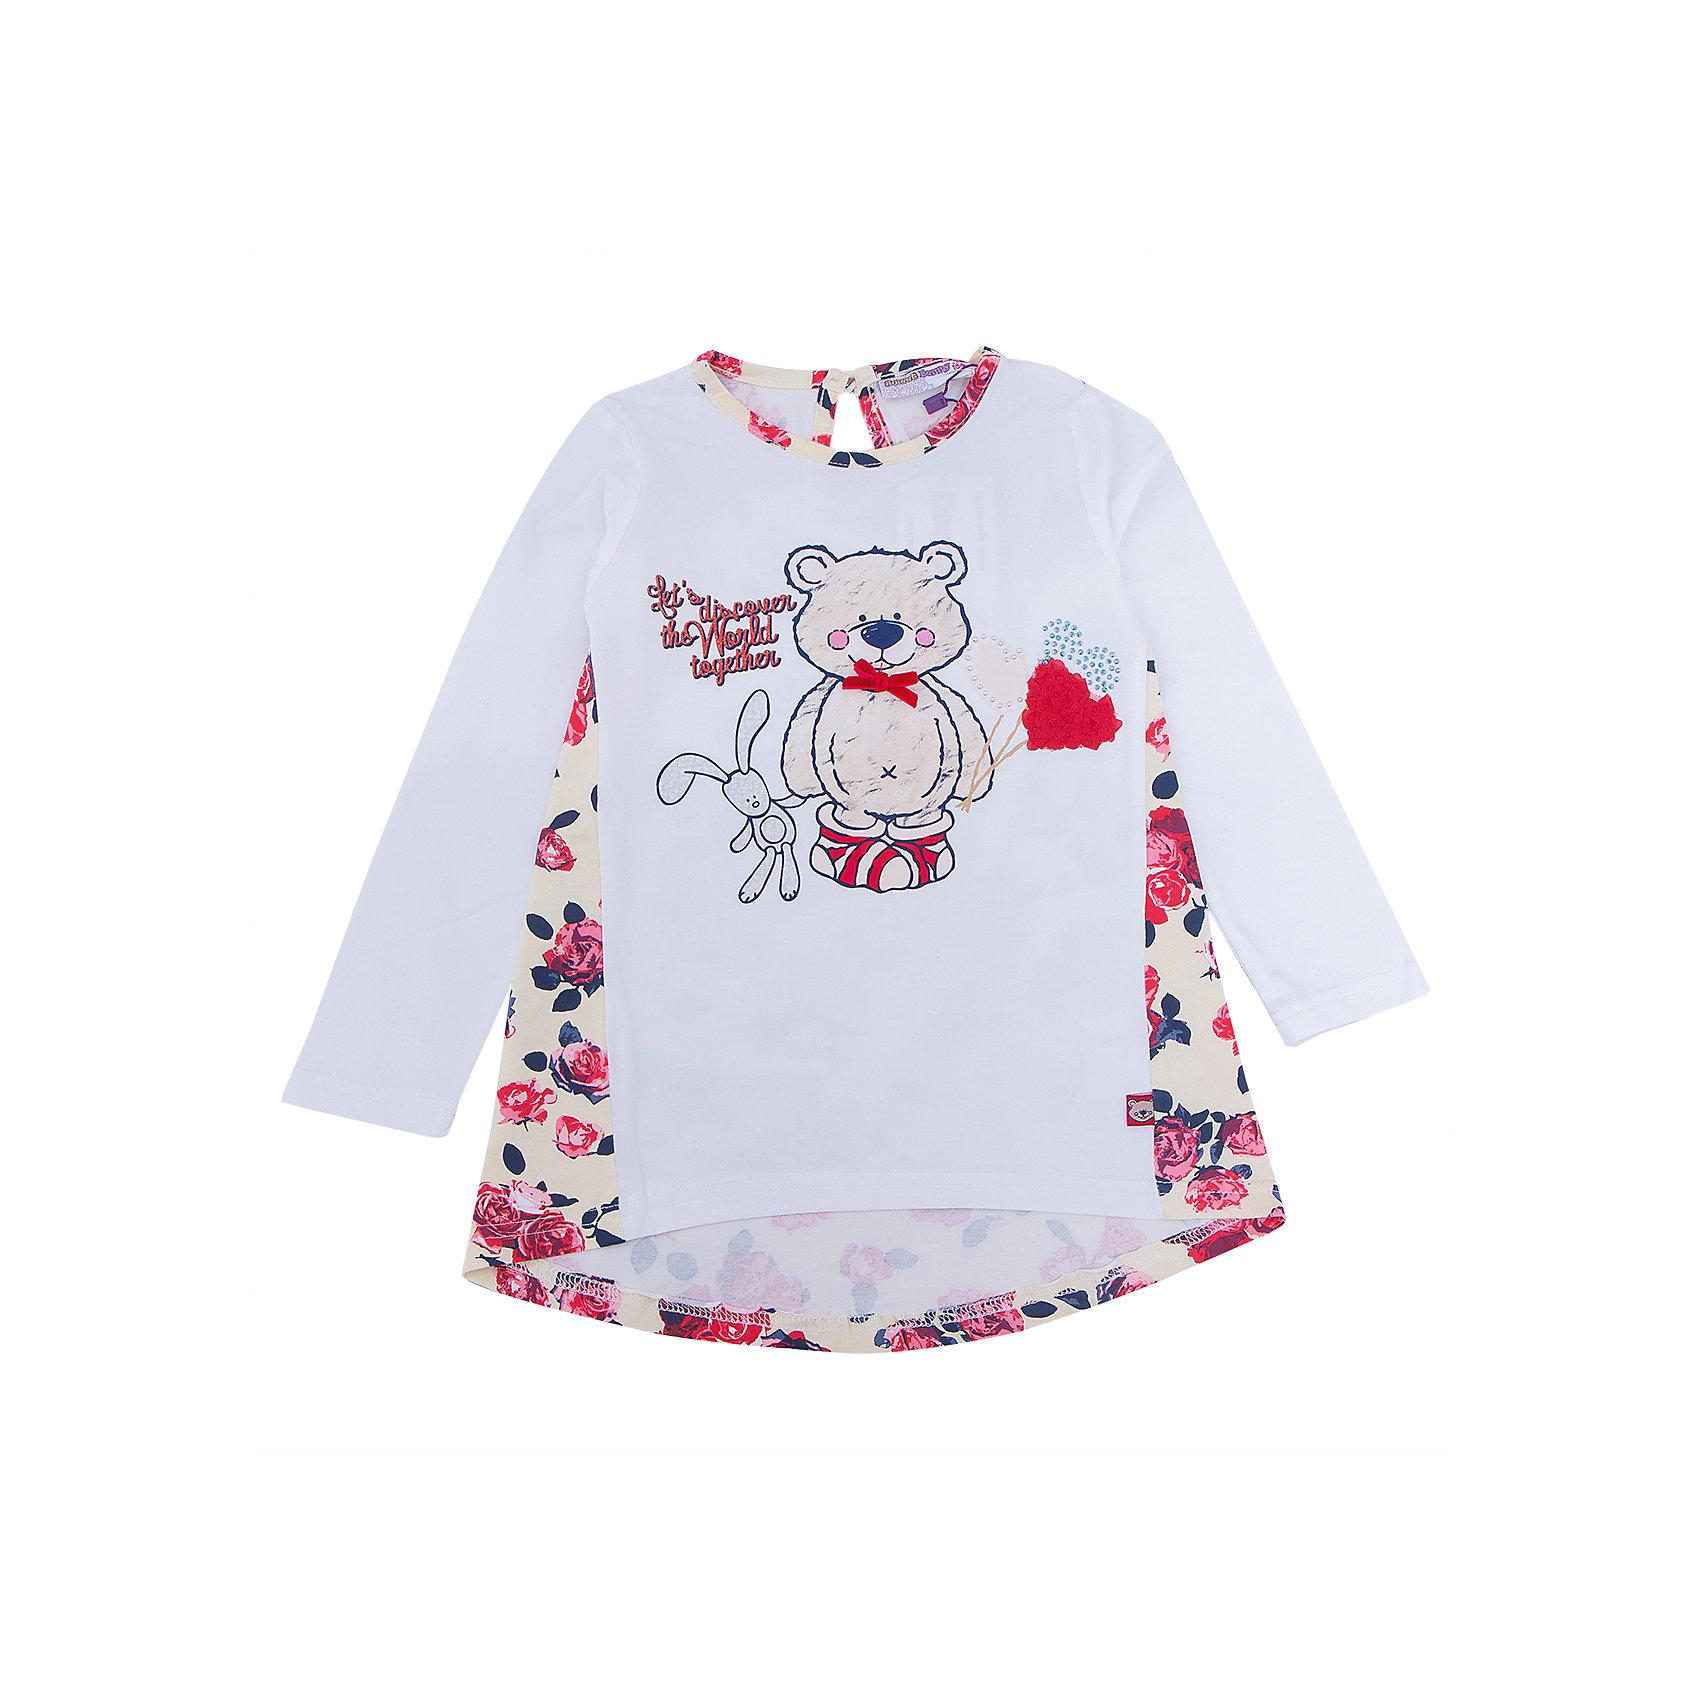 Футболка с длинным рукавом для девочки Sweet BerryФутболка с длинным рукавом – модная вещь, которая способна одновременно создать стильный образ и защитить от осенних холодов маленького ребенка. Удлиненная спинка, приятная к телу ткань и модный принт образуют уникальную футболку для девочки. Универсальный крой поможет создать множество образов. Материалы, использованные при изготовлении одежды, полностью безопасны для детей и отвечают всем требованиям по качеству продукции данной категории.<br><br>Дополнительная информация: <br><br>удлиненная спинка;<br>модный принт;<br>прямой силуэт;<br>цвет: бежевый;<br>материал: хлопок 95%, эластан 5%.<br><br>Футболку с длинным рукавом для девочки от компании Sweet Berry можно приобрести в нашем магазине.<br><br>Ширина мм: 230<br>Глубина мм: 40<br>Высота мм: 220<br>Вес г: 250<br>Цвет: бежевый<br>Возраст от месяцев: 48<br>Возраст до месяцев: 60<br>Пол: Женский<br>Возраст: Детский<br>Размер: 110,98,122,128,104,116<br>SKU: 4932124